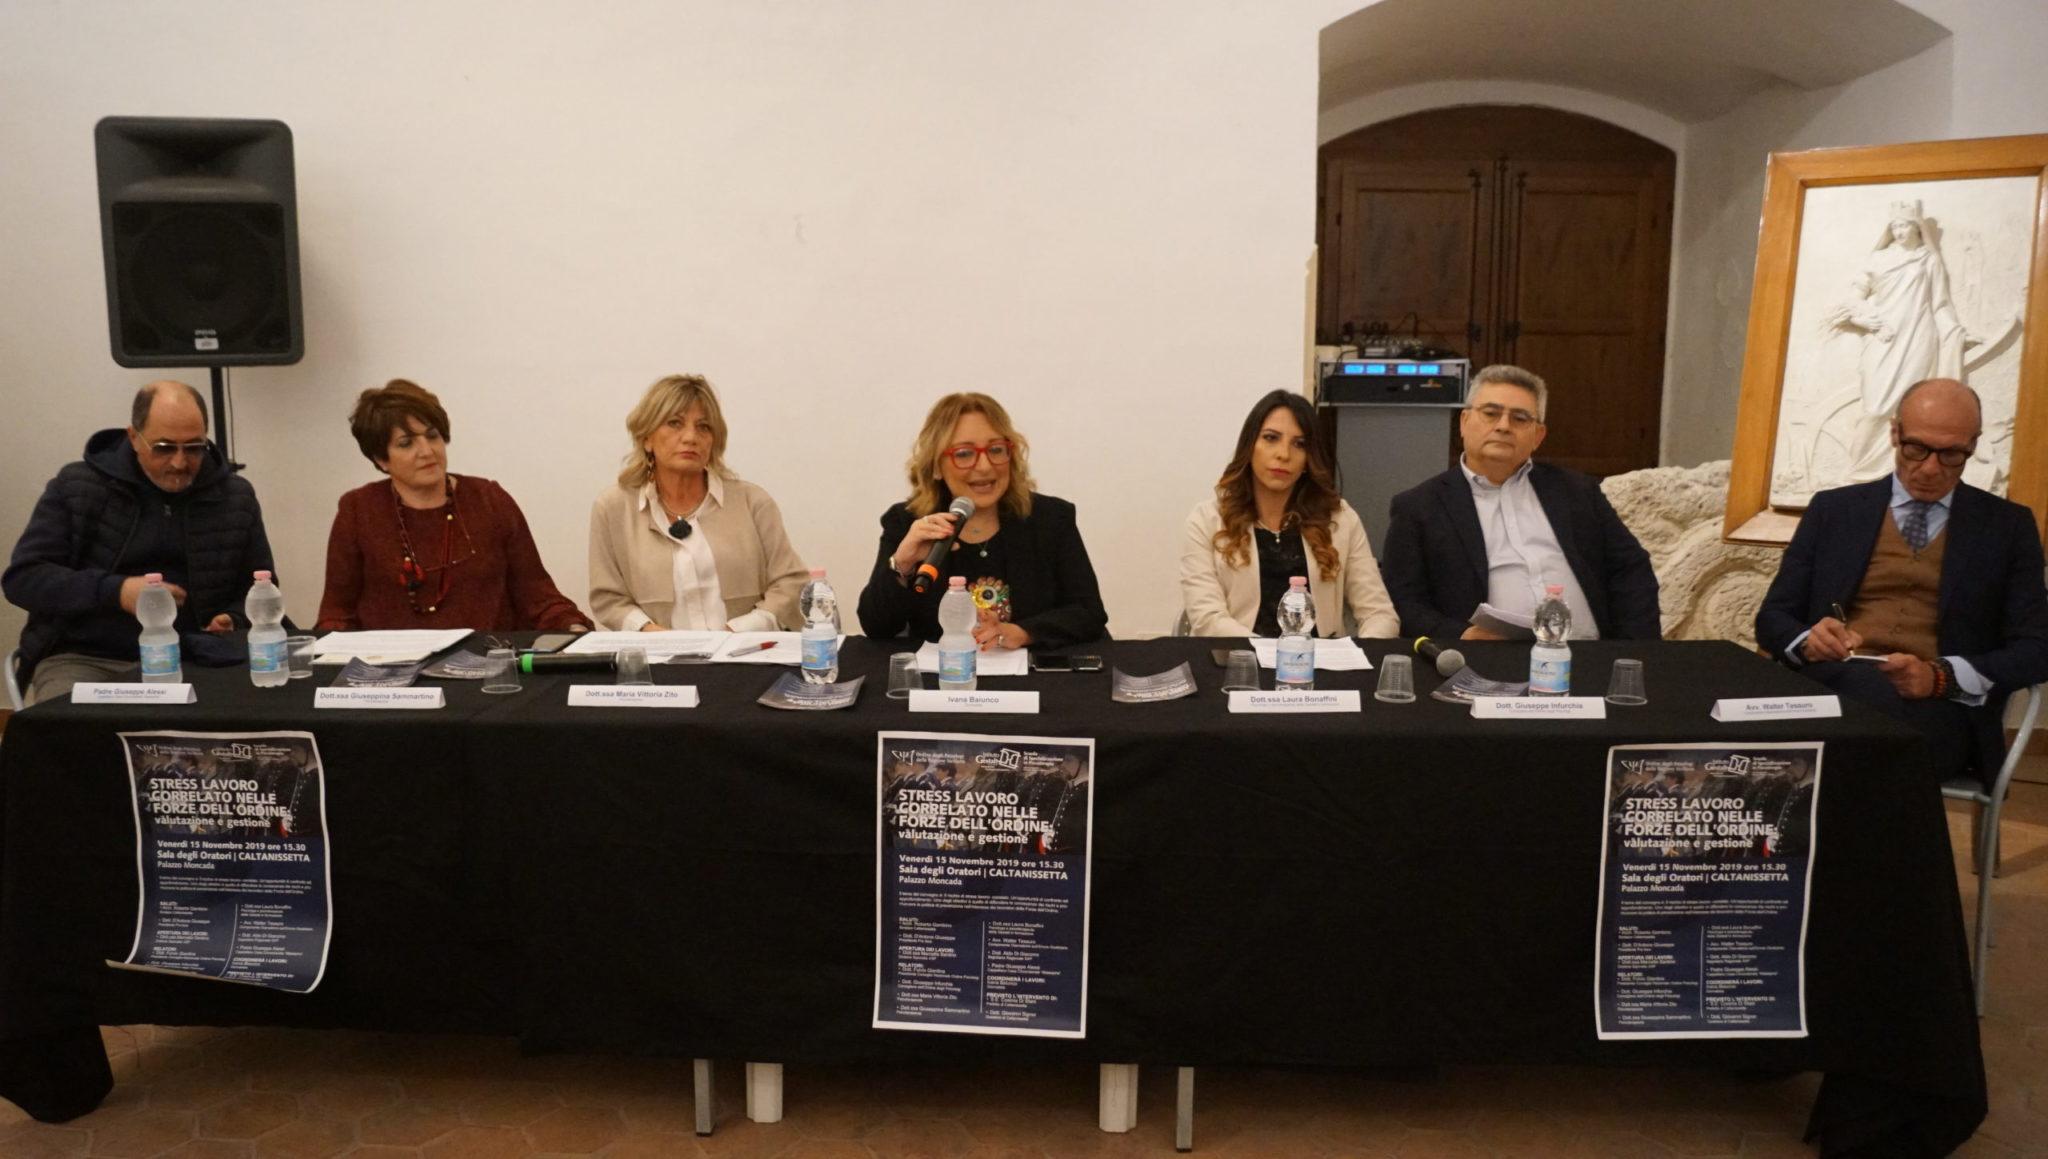 """Caltanissetta, """"Stress lavoro correlato nelle forze dell'ordine"""" convegno a Palazzo Moncada - CaltanissettaLive"""